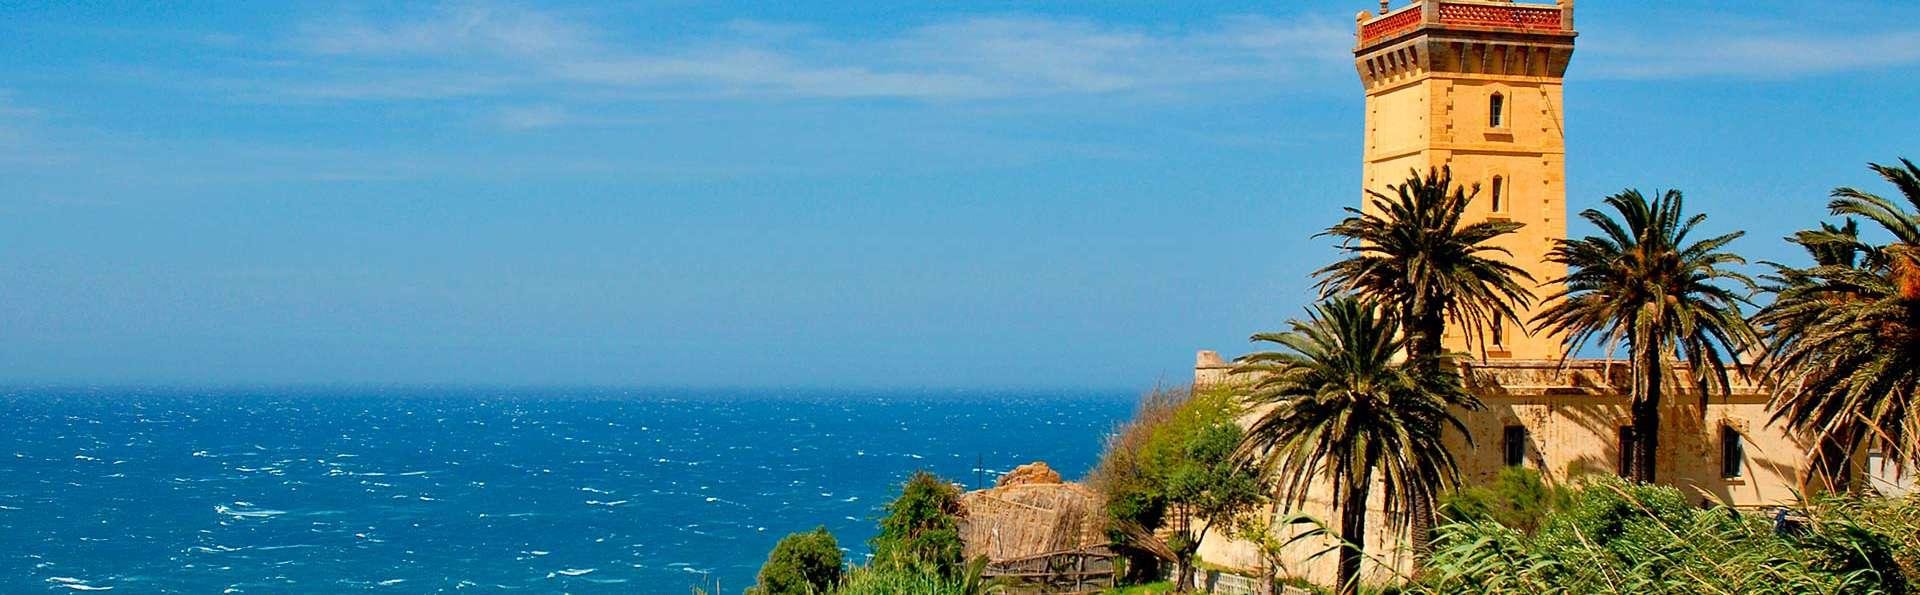 Kenzi Solazur Hotel - EDIT_Tanger.jpg